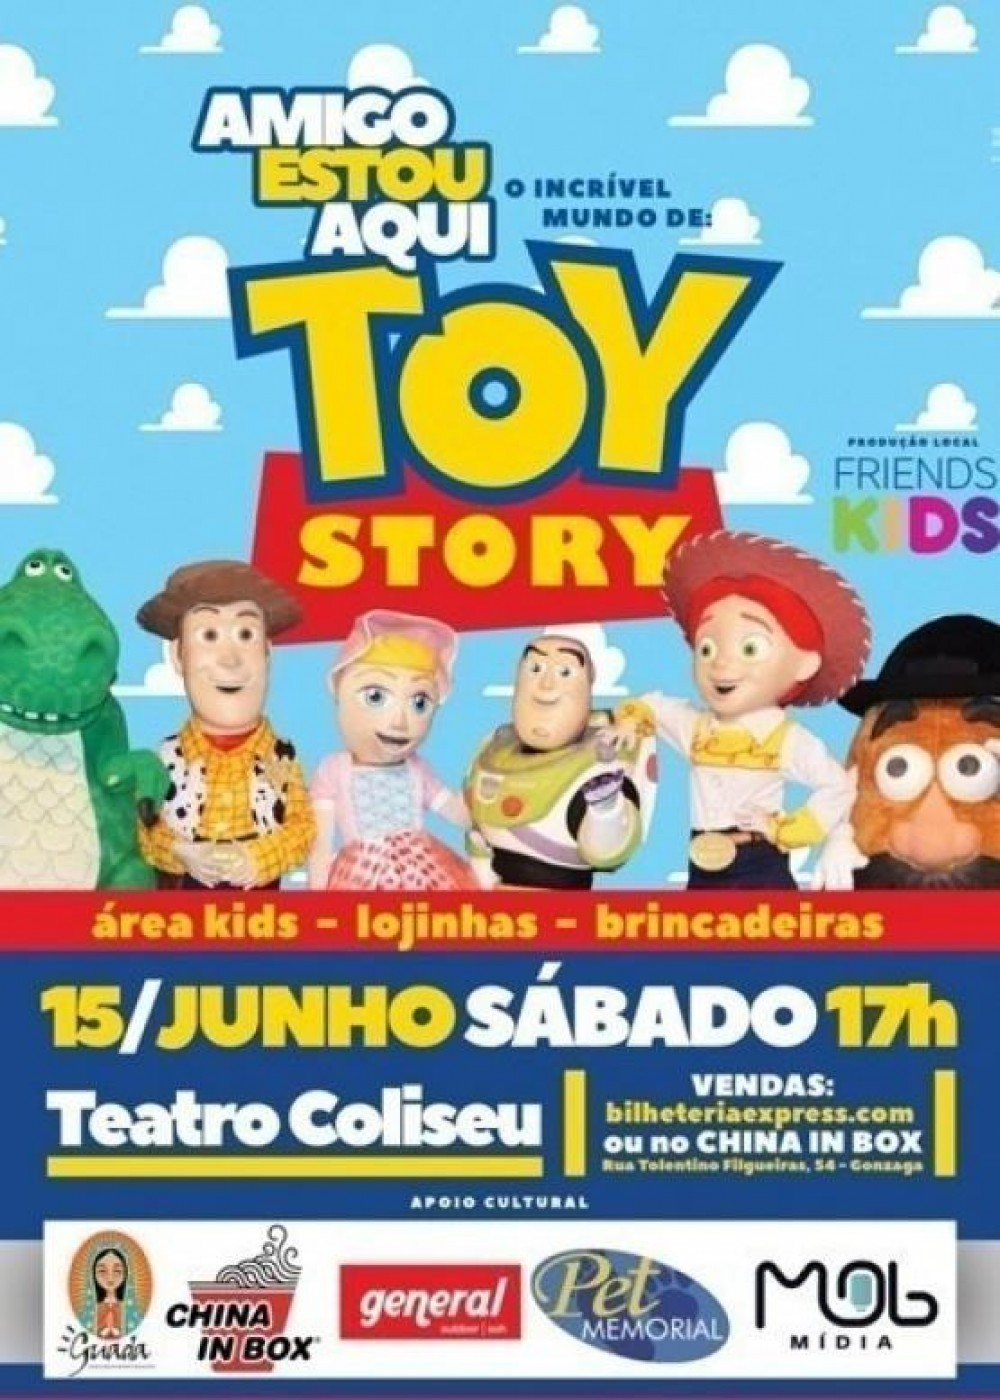 Amigo Estou Aqui  - O Incrível Mundo De Toy Story